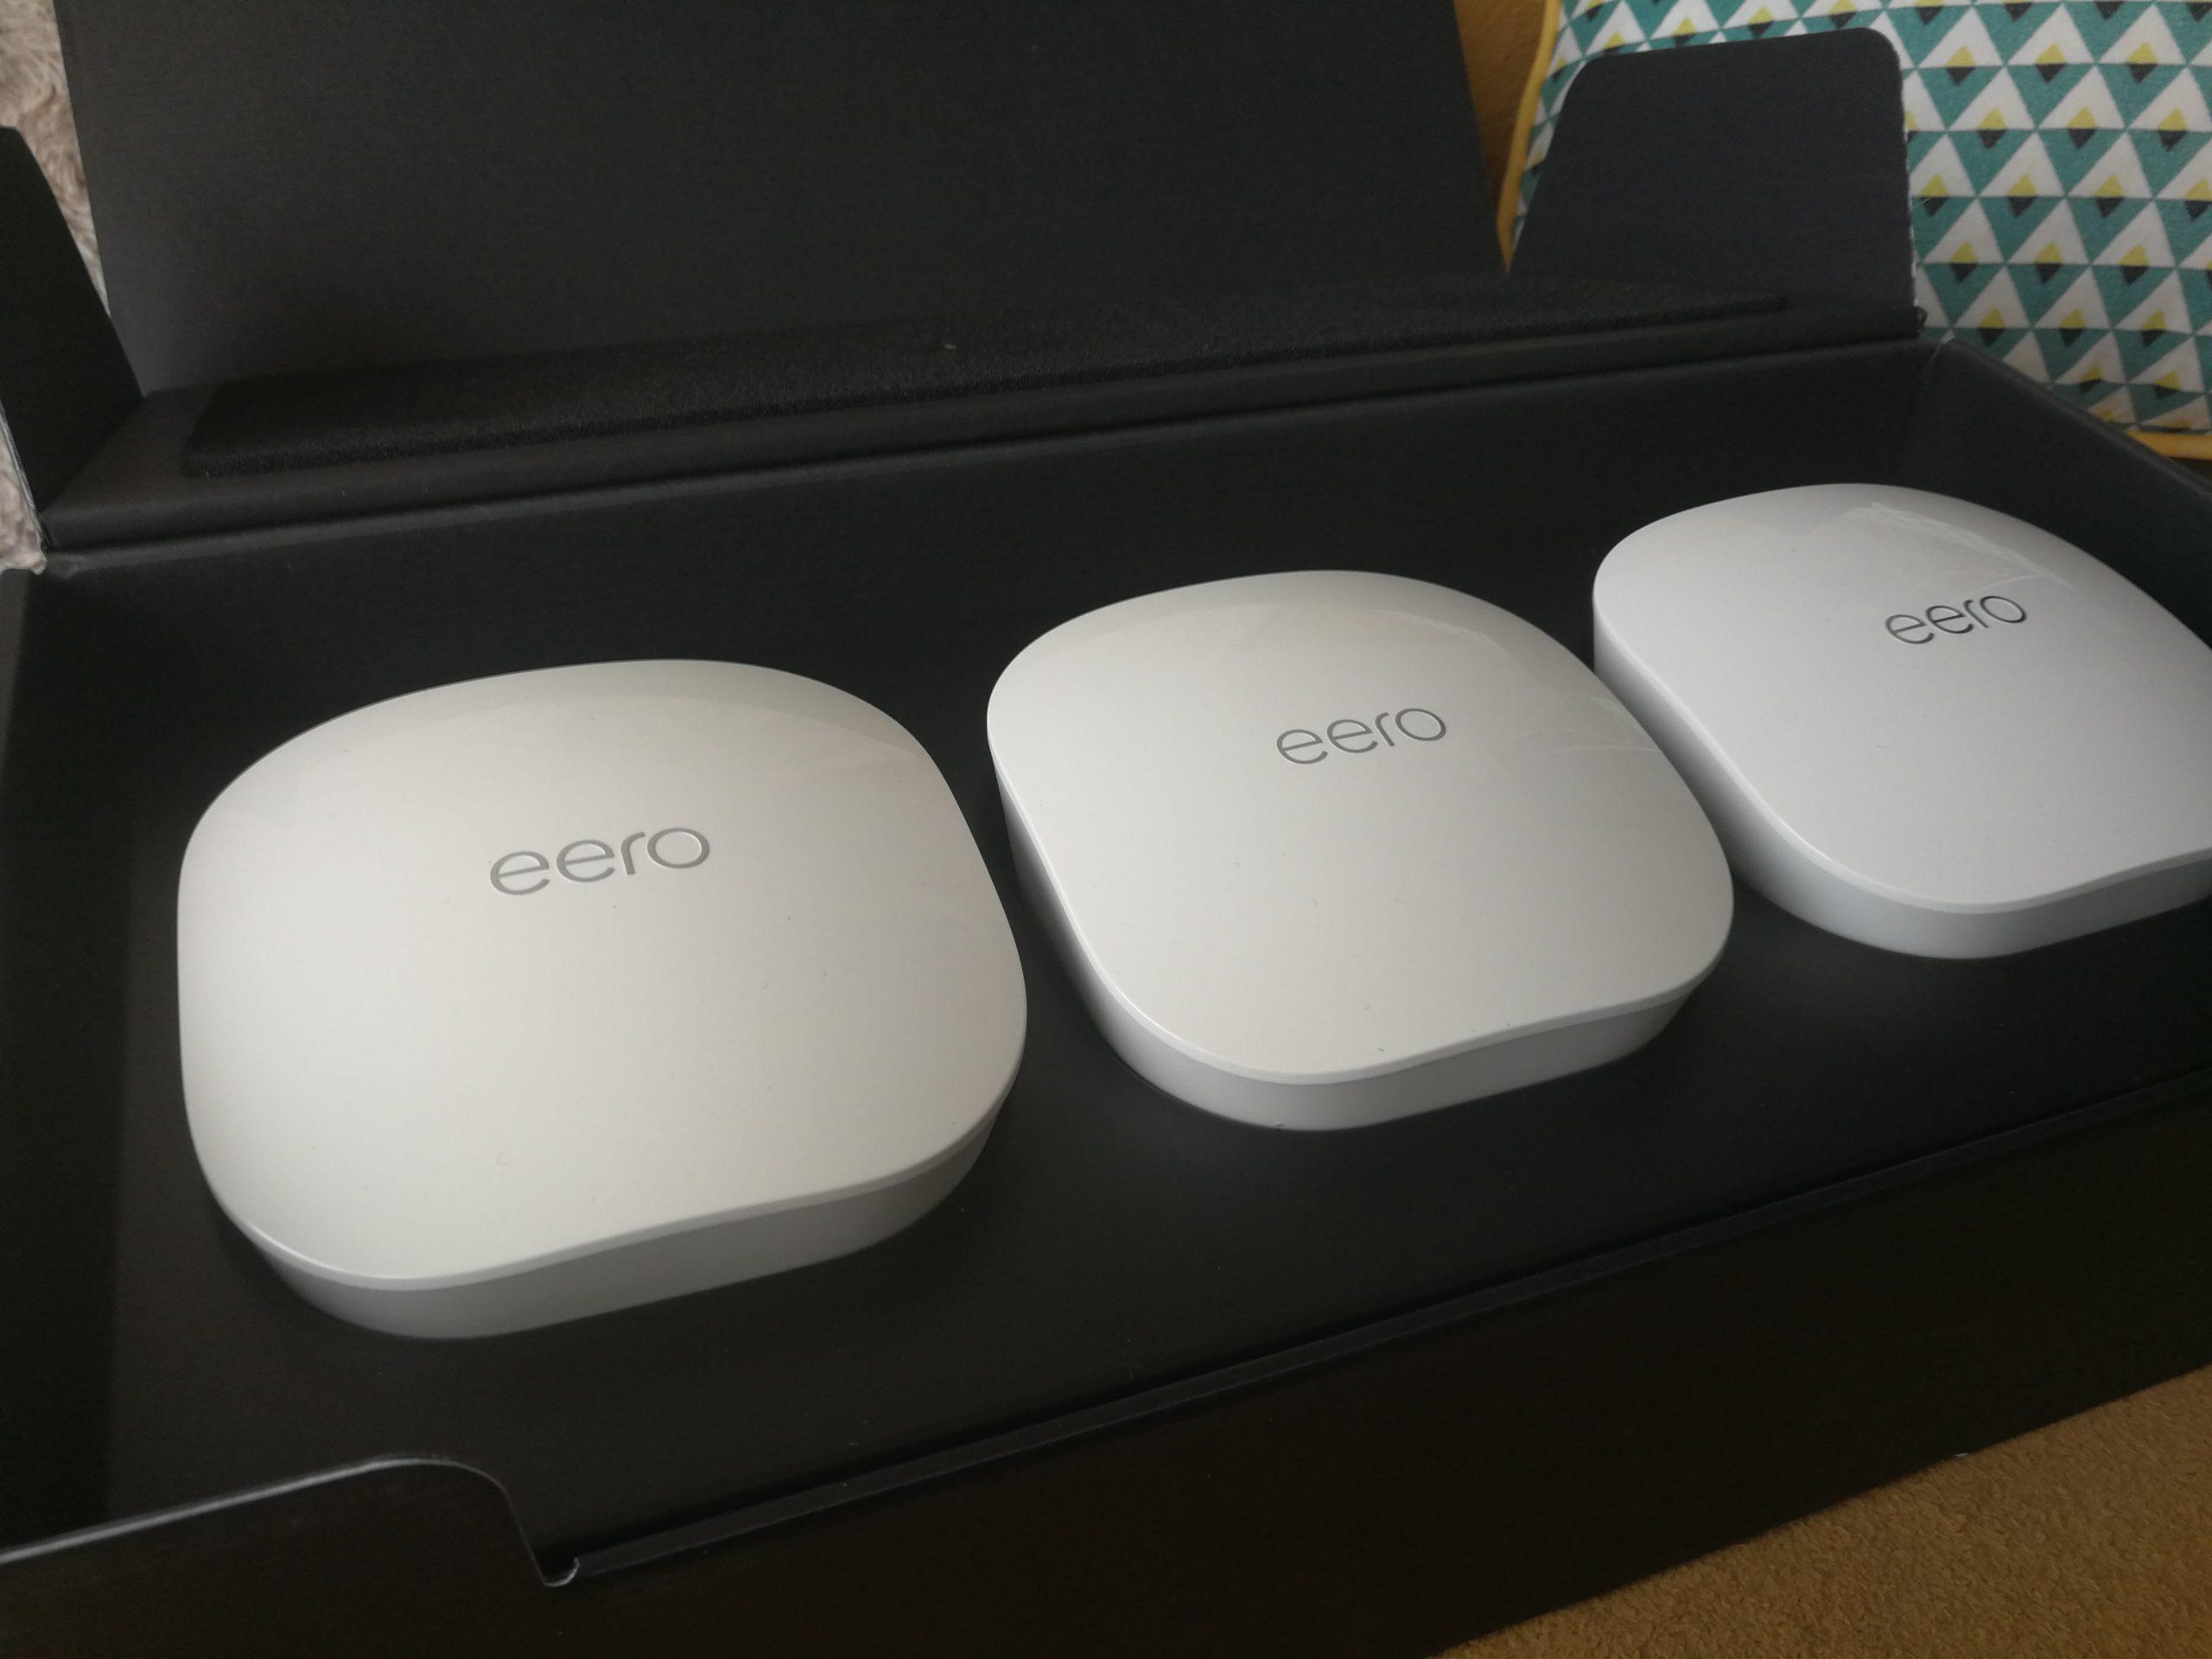 Présentation des boitiers Eero